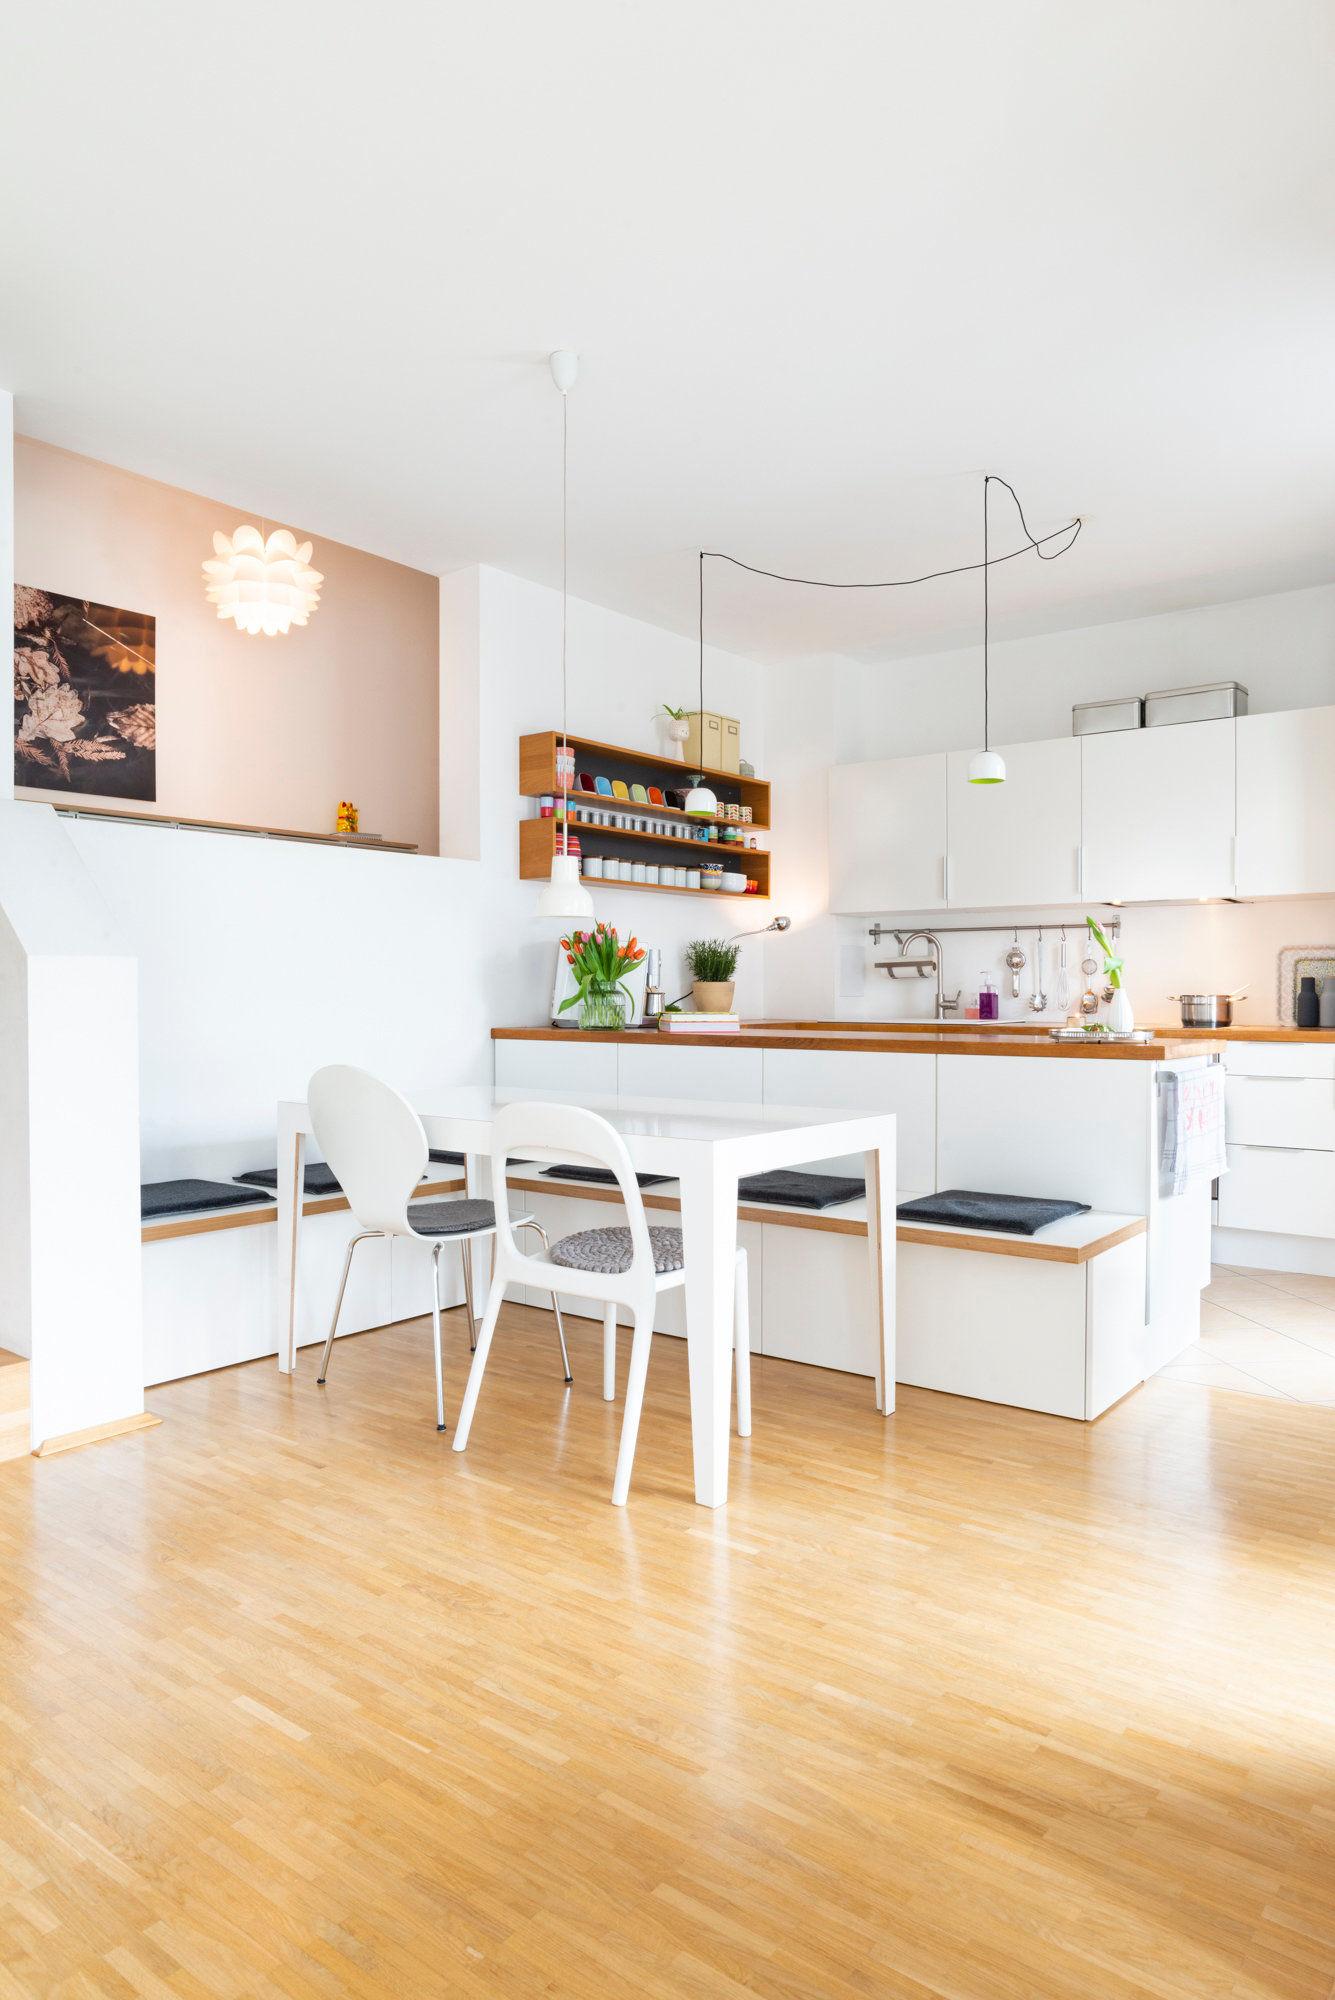 Full Size of Besten Ideen Fr Ikea Hacks Seite 10 Landhausküche Küche Mit Elektrogeräten Günstig Sideboard Arbeitsplatte Obi Einbauküche Modulküche Grifflose Wohnzimmer Ikea Hacks Küche